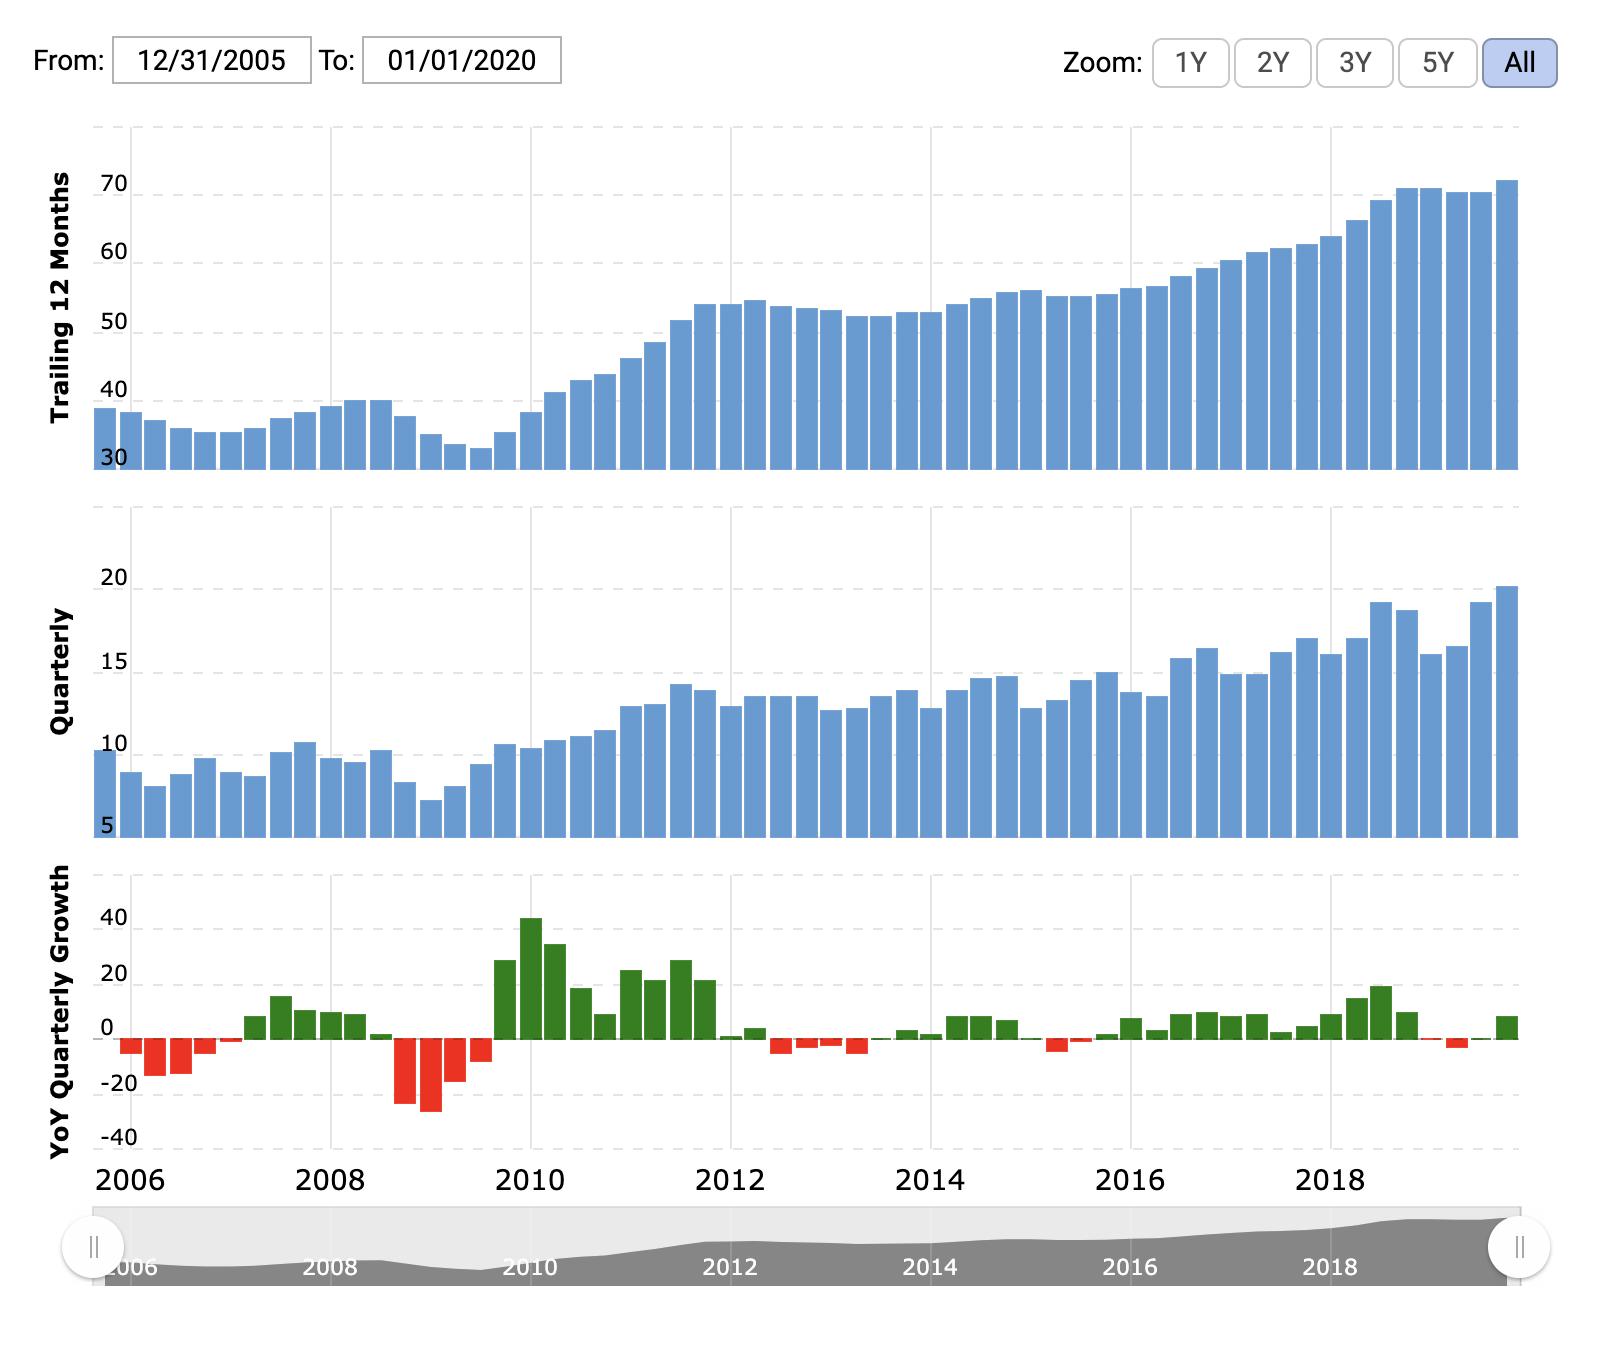 Показатели выручки Intel в исторической перспективе. Сверху — рост за последние 12 месяцев, посередине — квартальный рост, снизу — выручка за квартал, рост год к году. Источник: Macrotrends